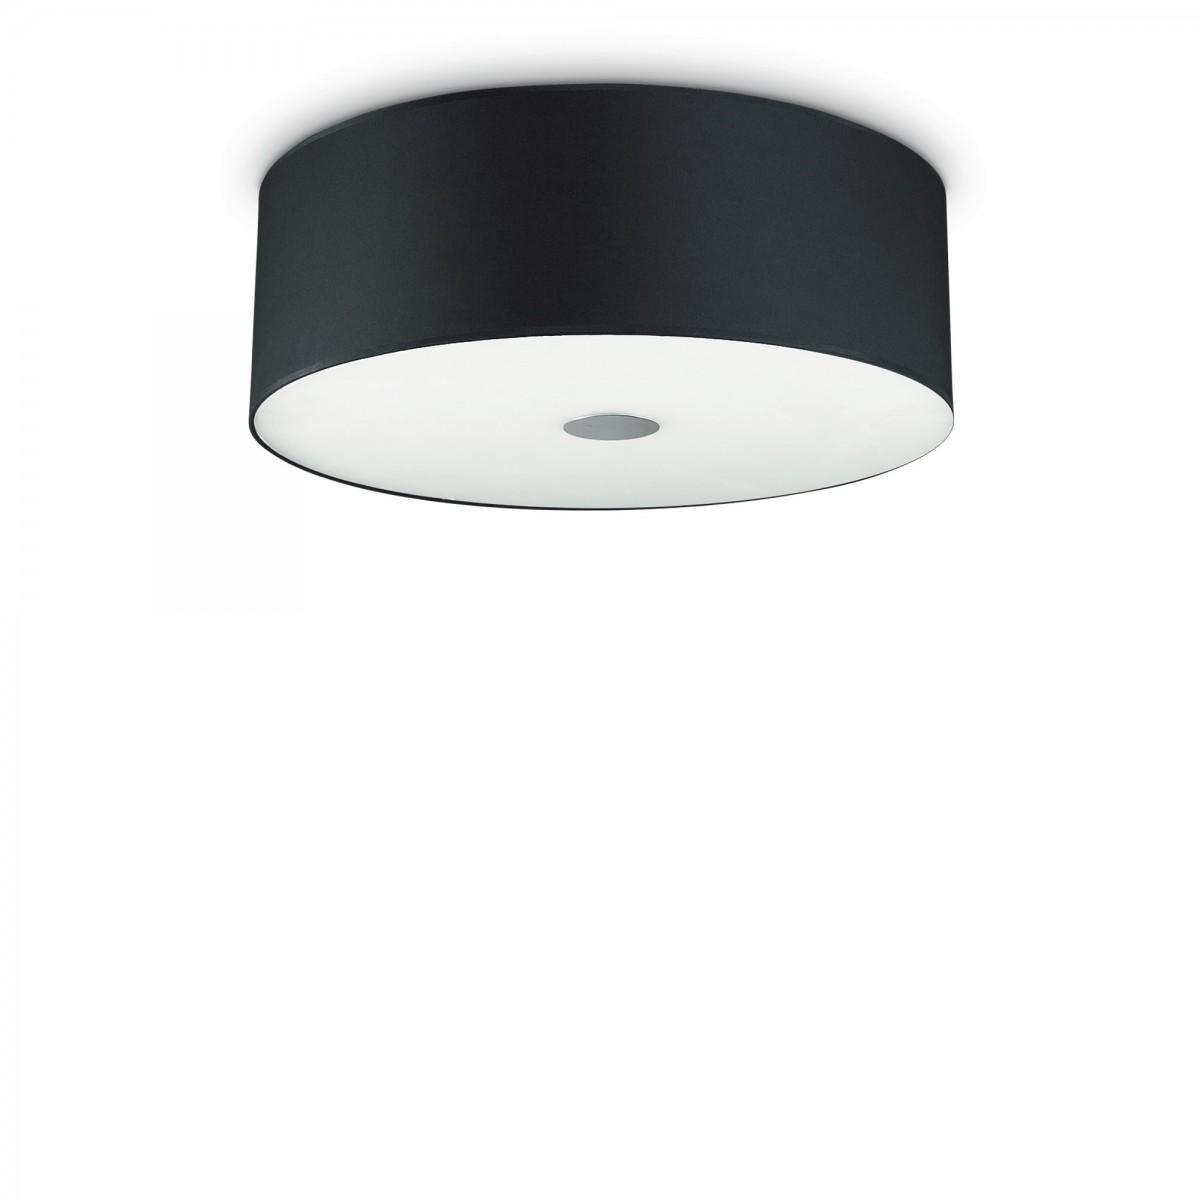 stropní svítidlo Ideal lux Woody PL4 103273 4x60W E27 - moderní komplexní osvětlení